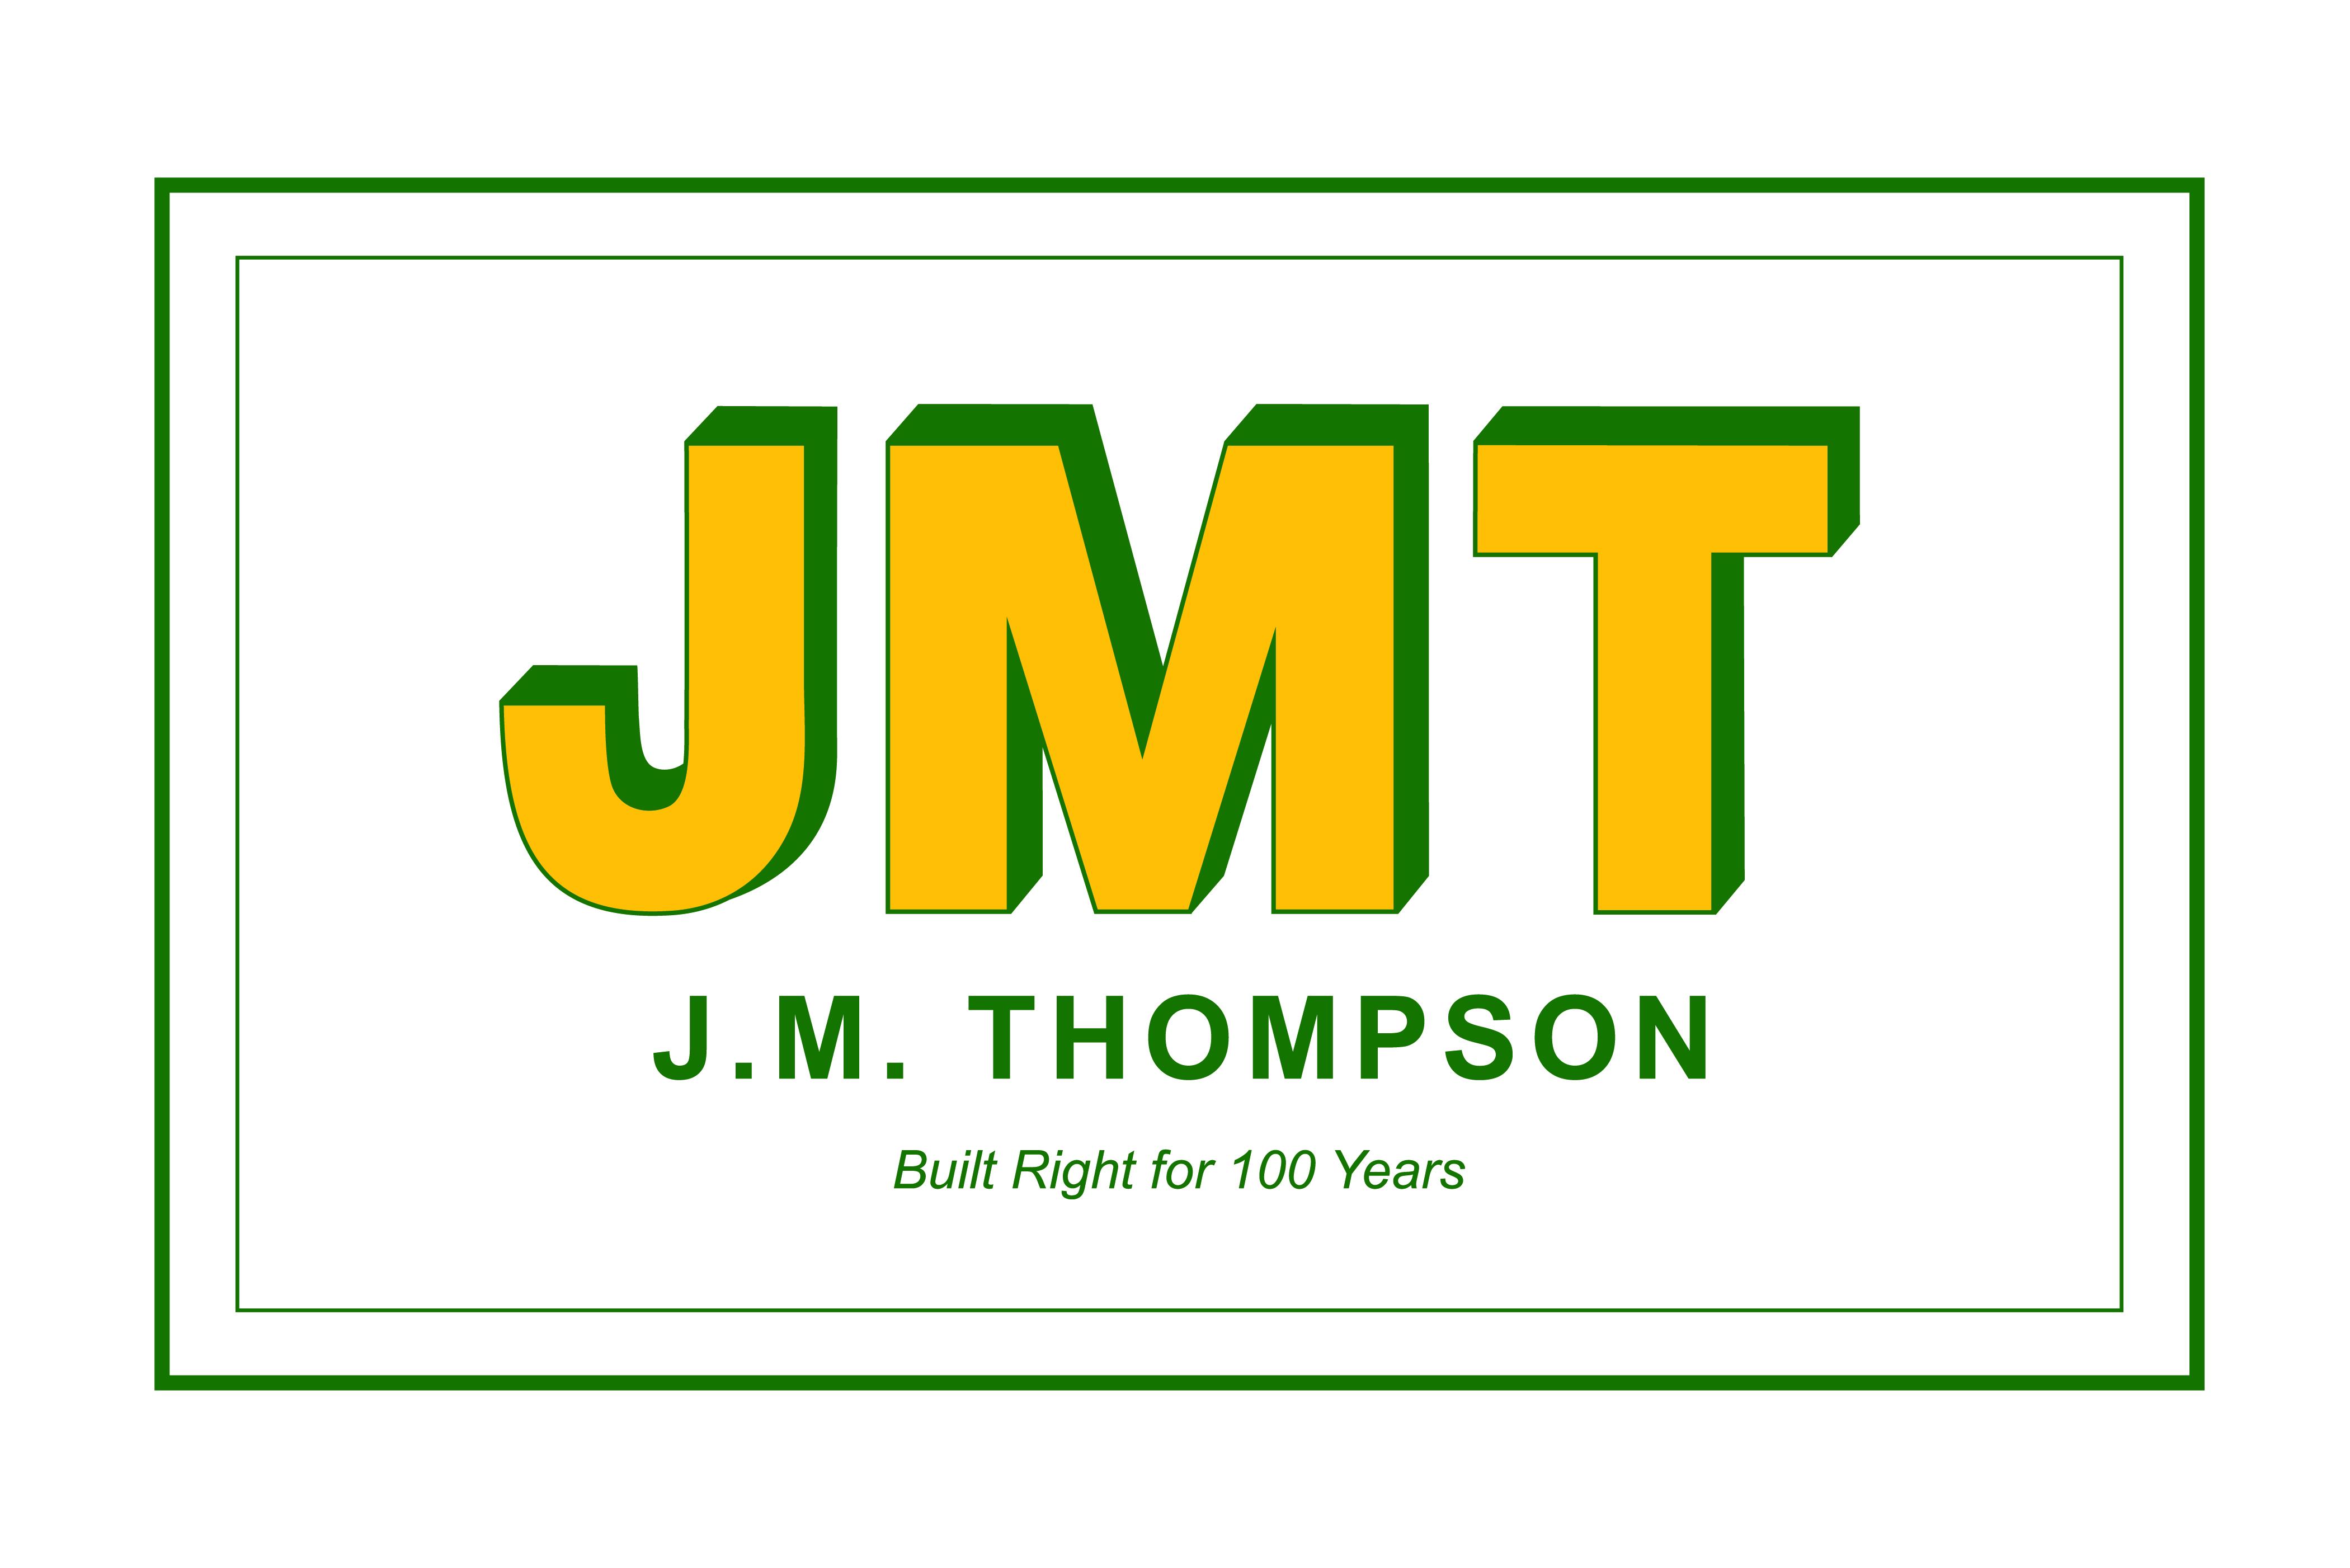 JMT Thompson